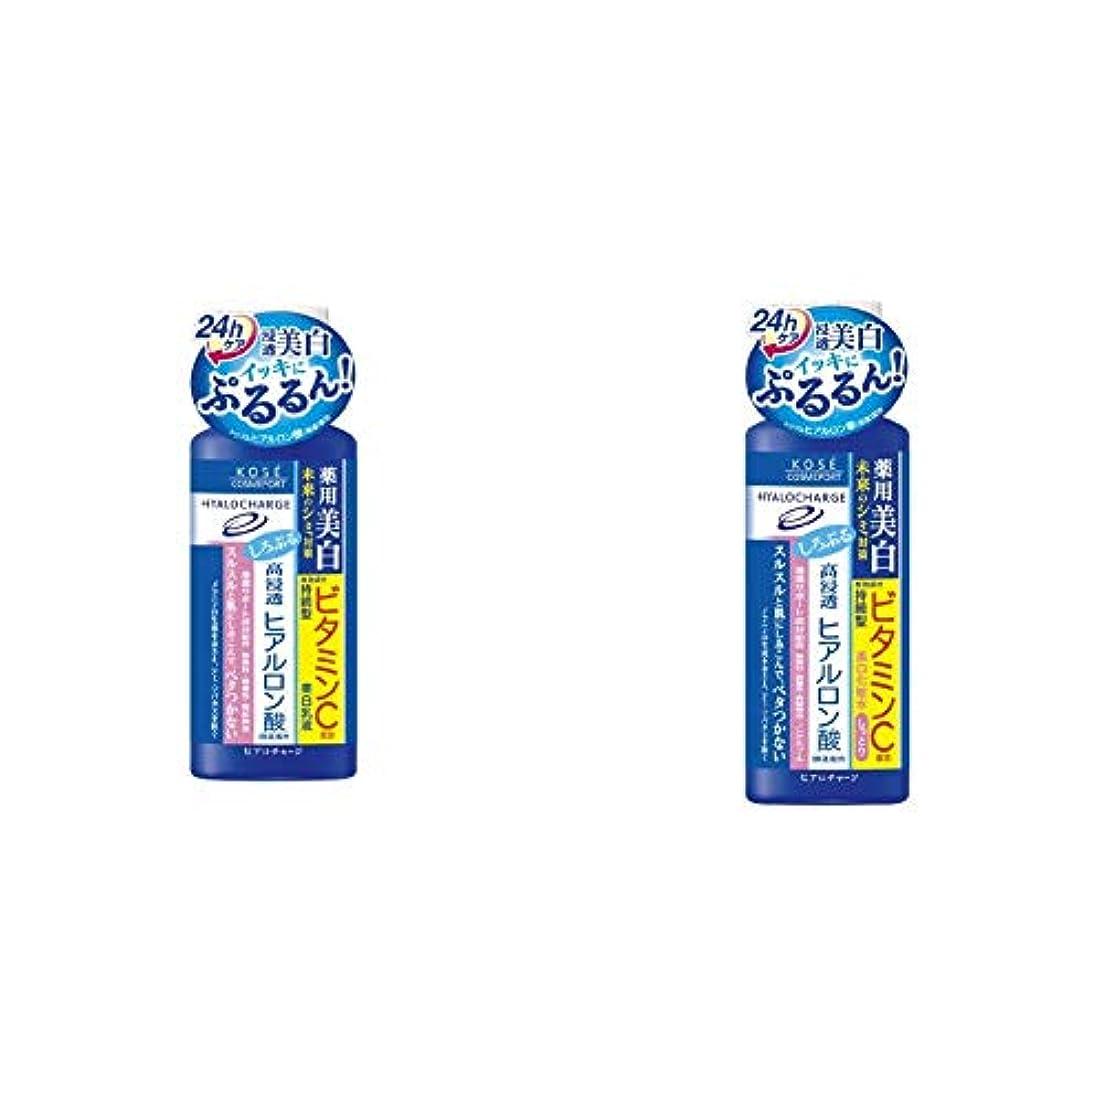 ヒアロチャージ 薬用 ホワイト ミルキィローション 160mL & 薬用 ホワイト ローション M (しっとり) 180mL